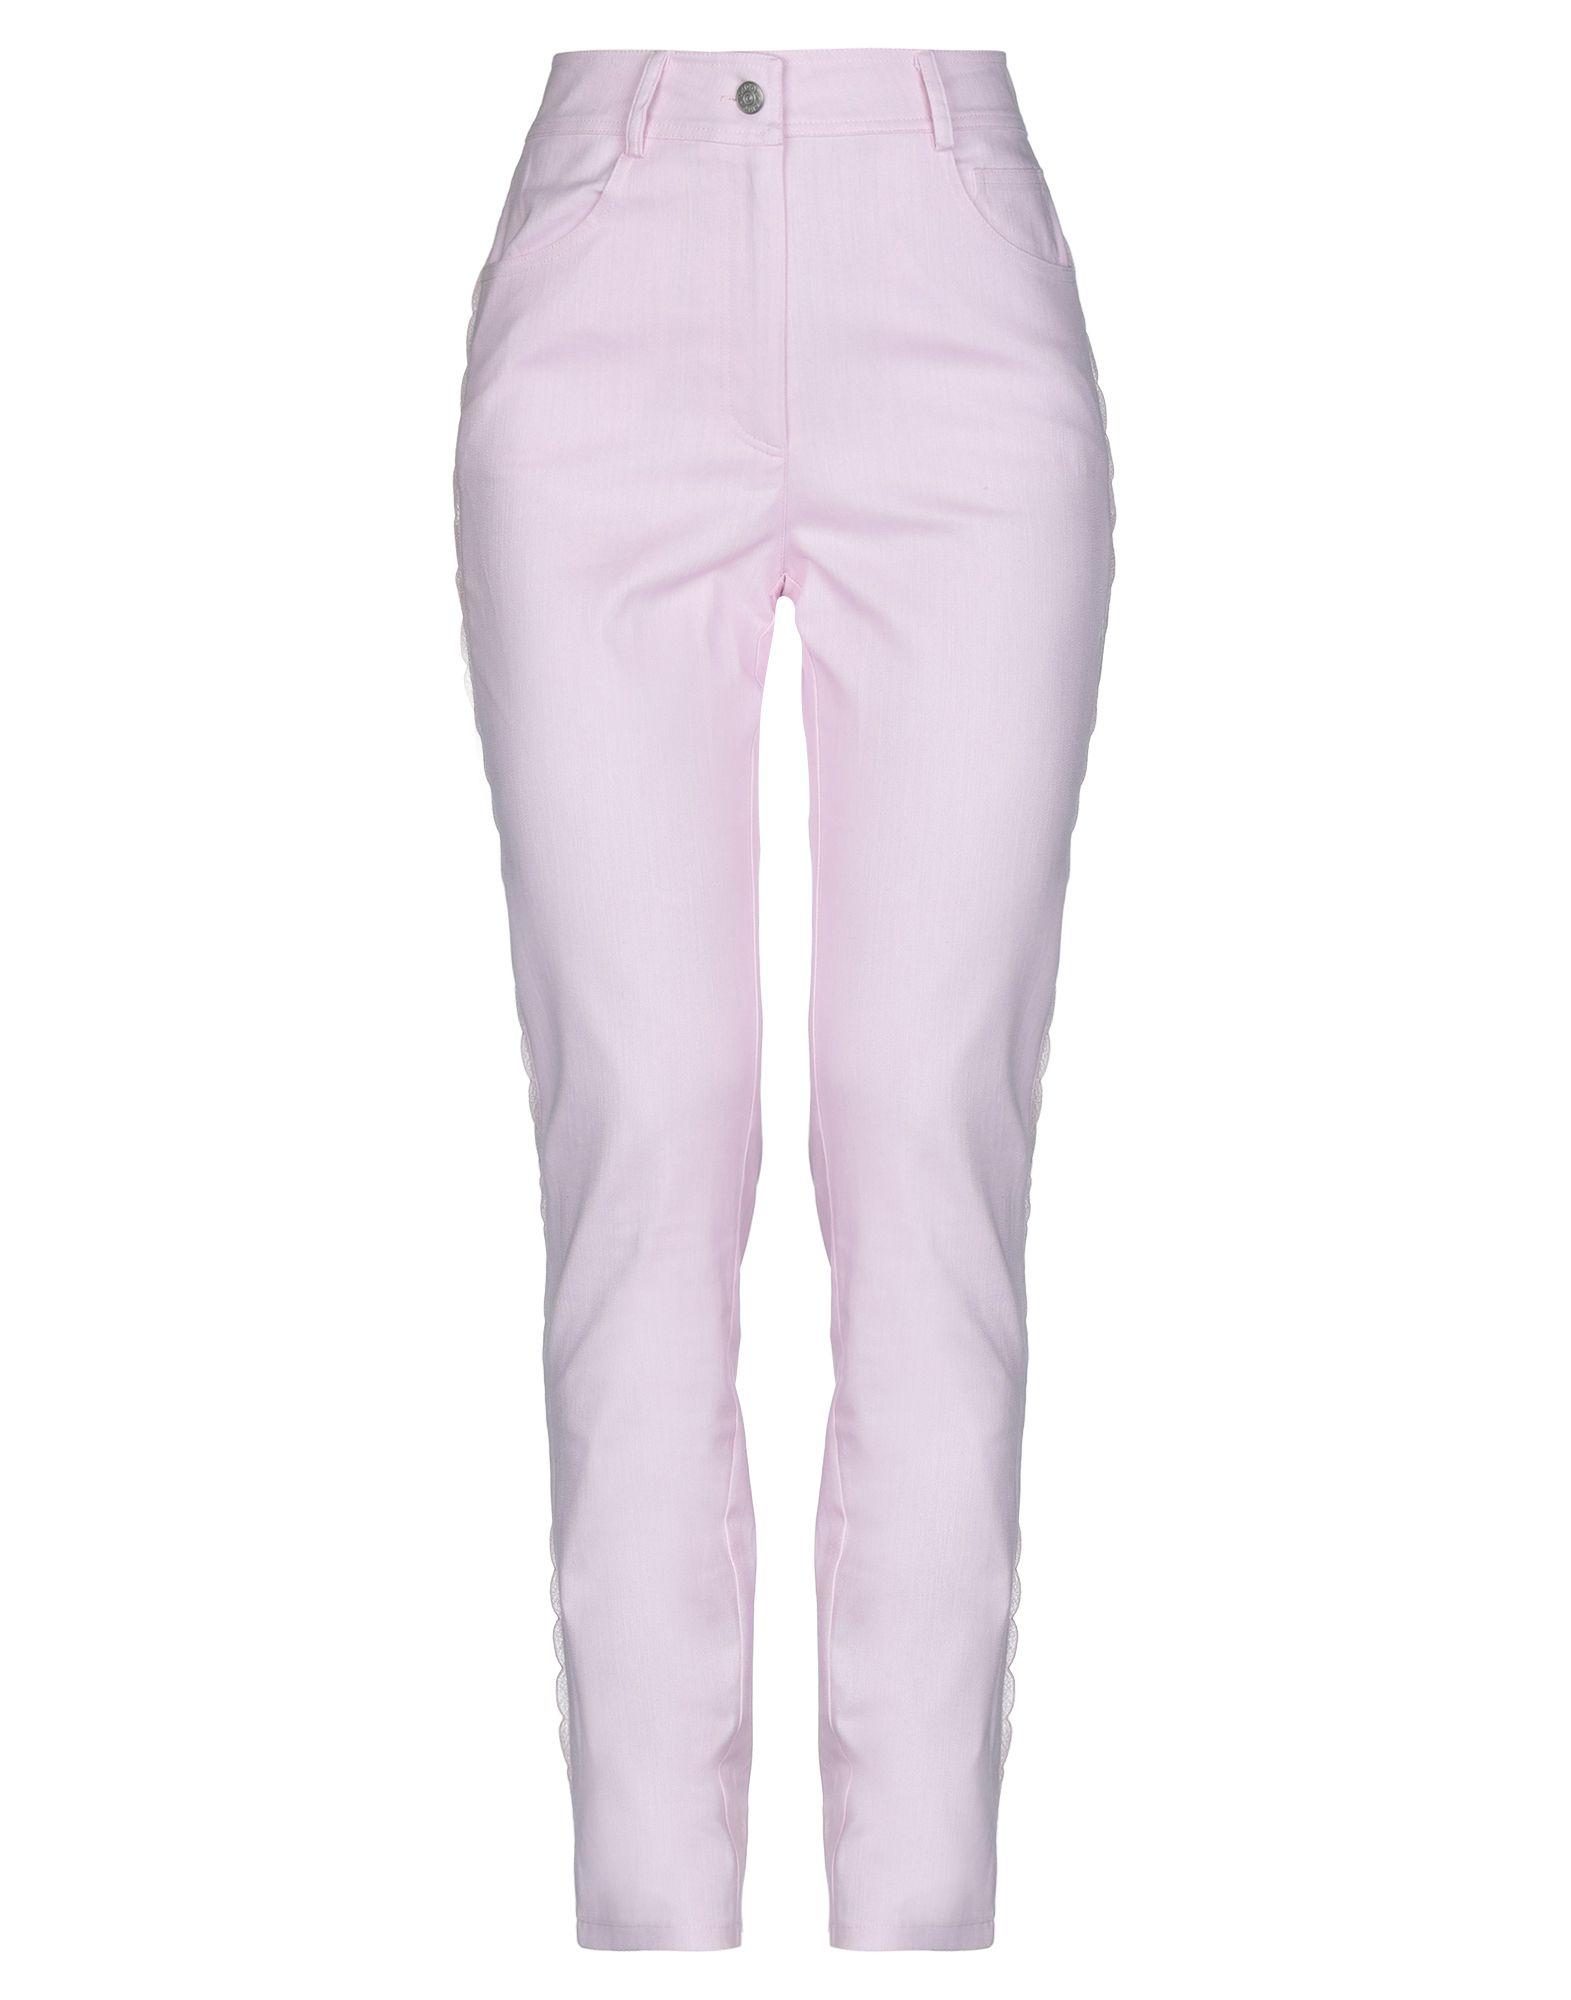 цена TRICOT CHIC Джинсовые брюки онлайн в 2017 году